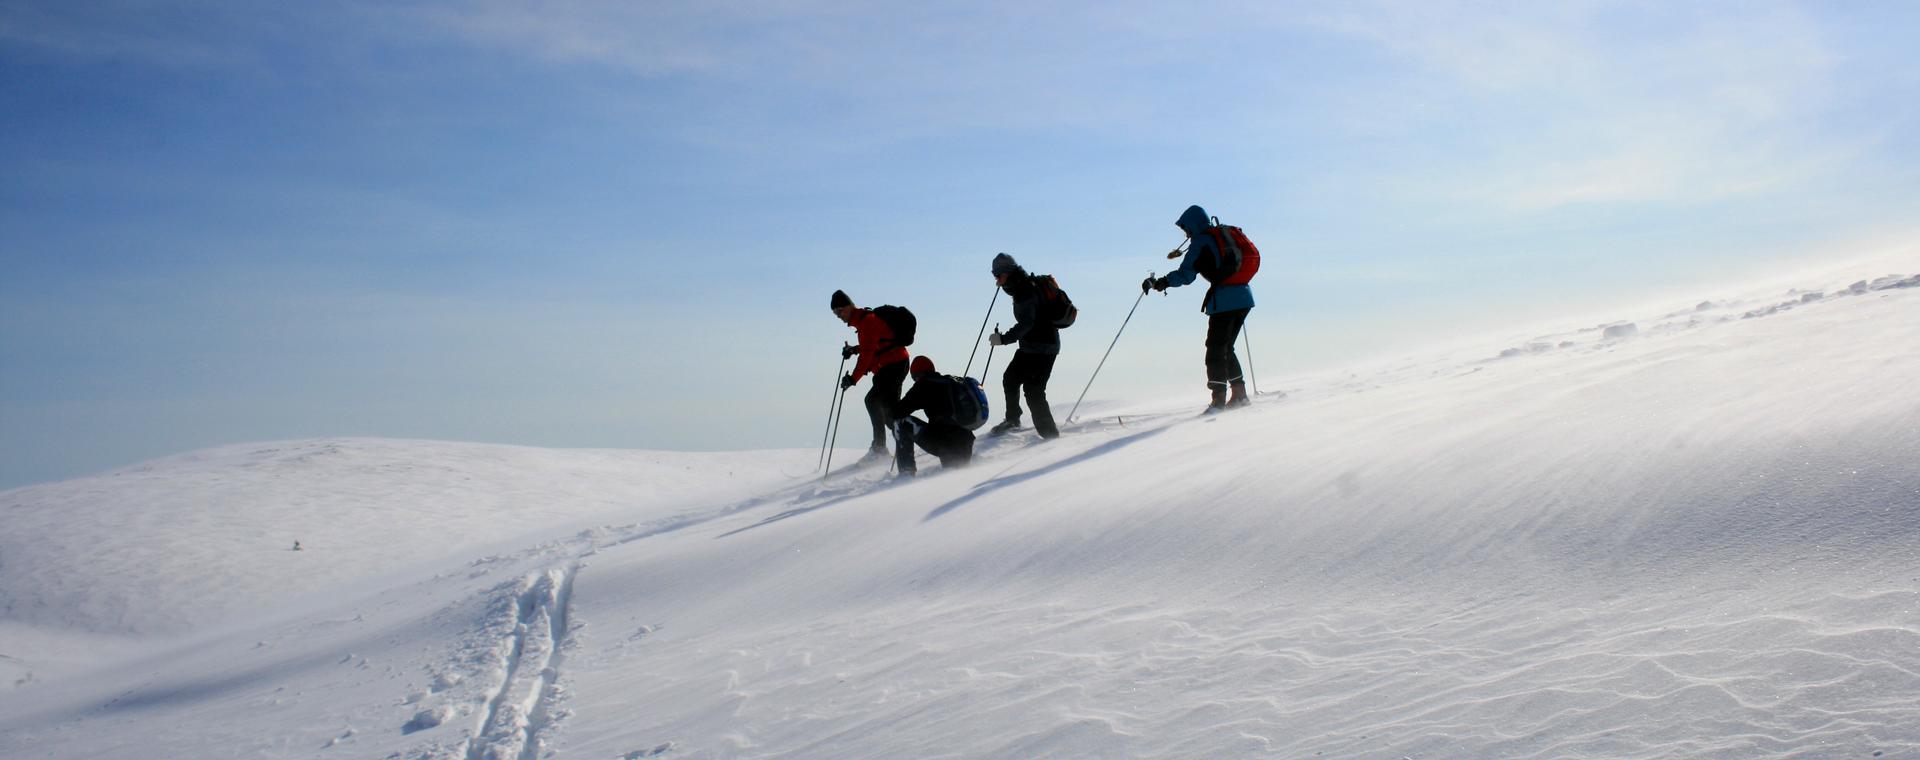 Voyage à la neige : Felltrek, Laponie finlandaise